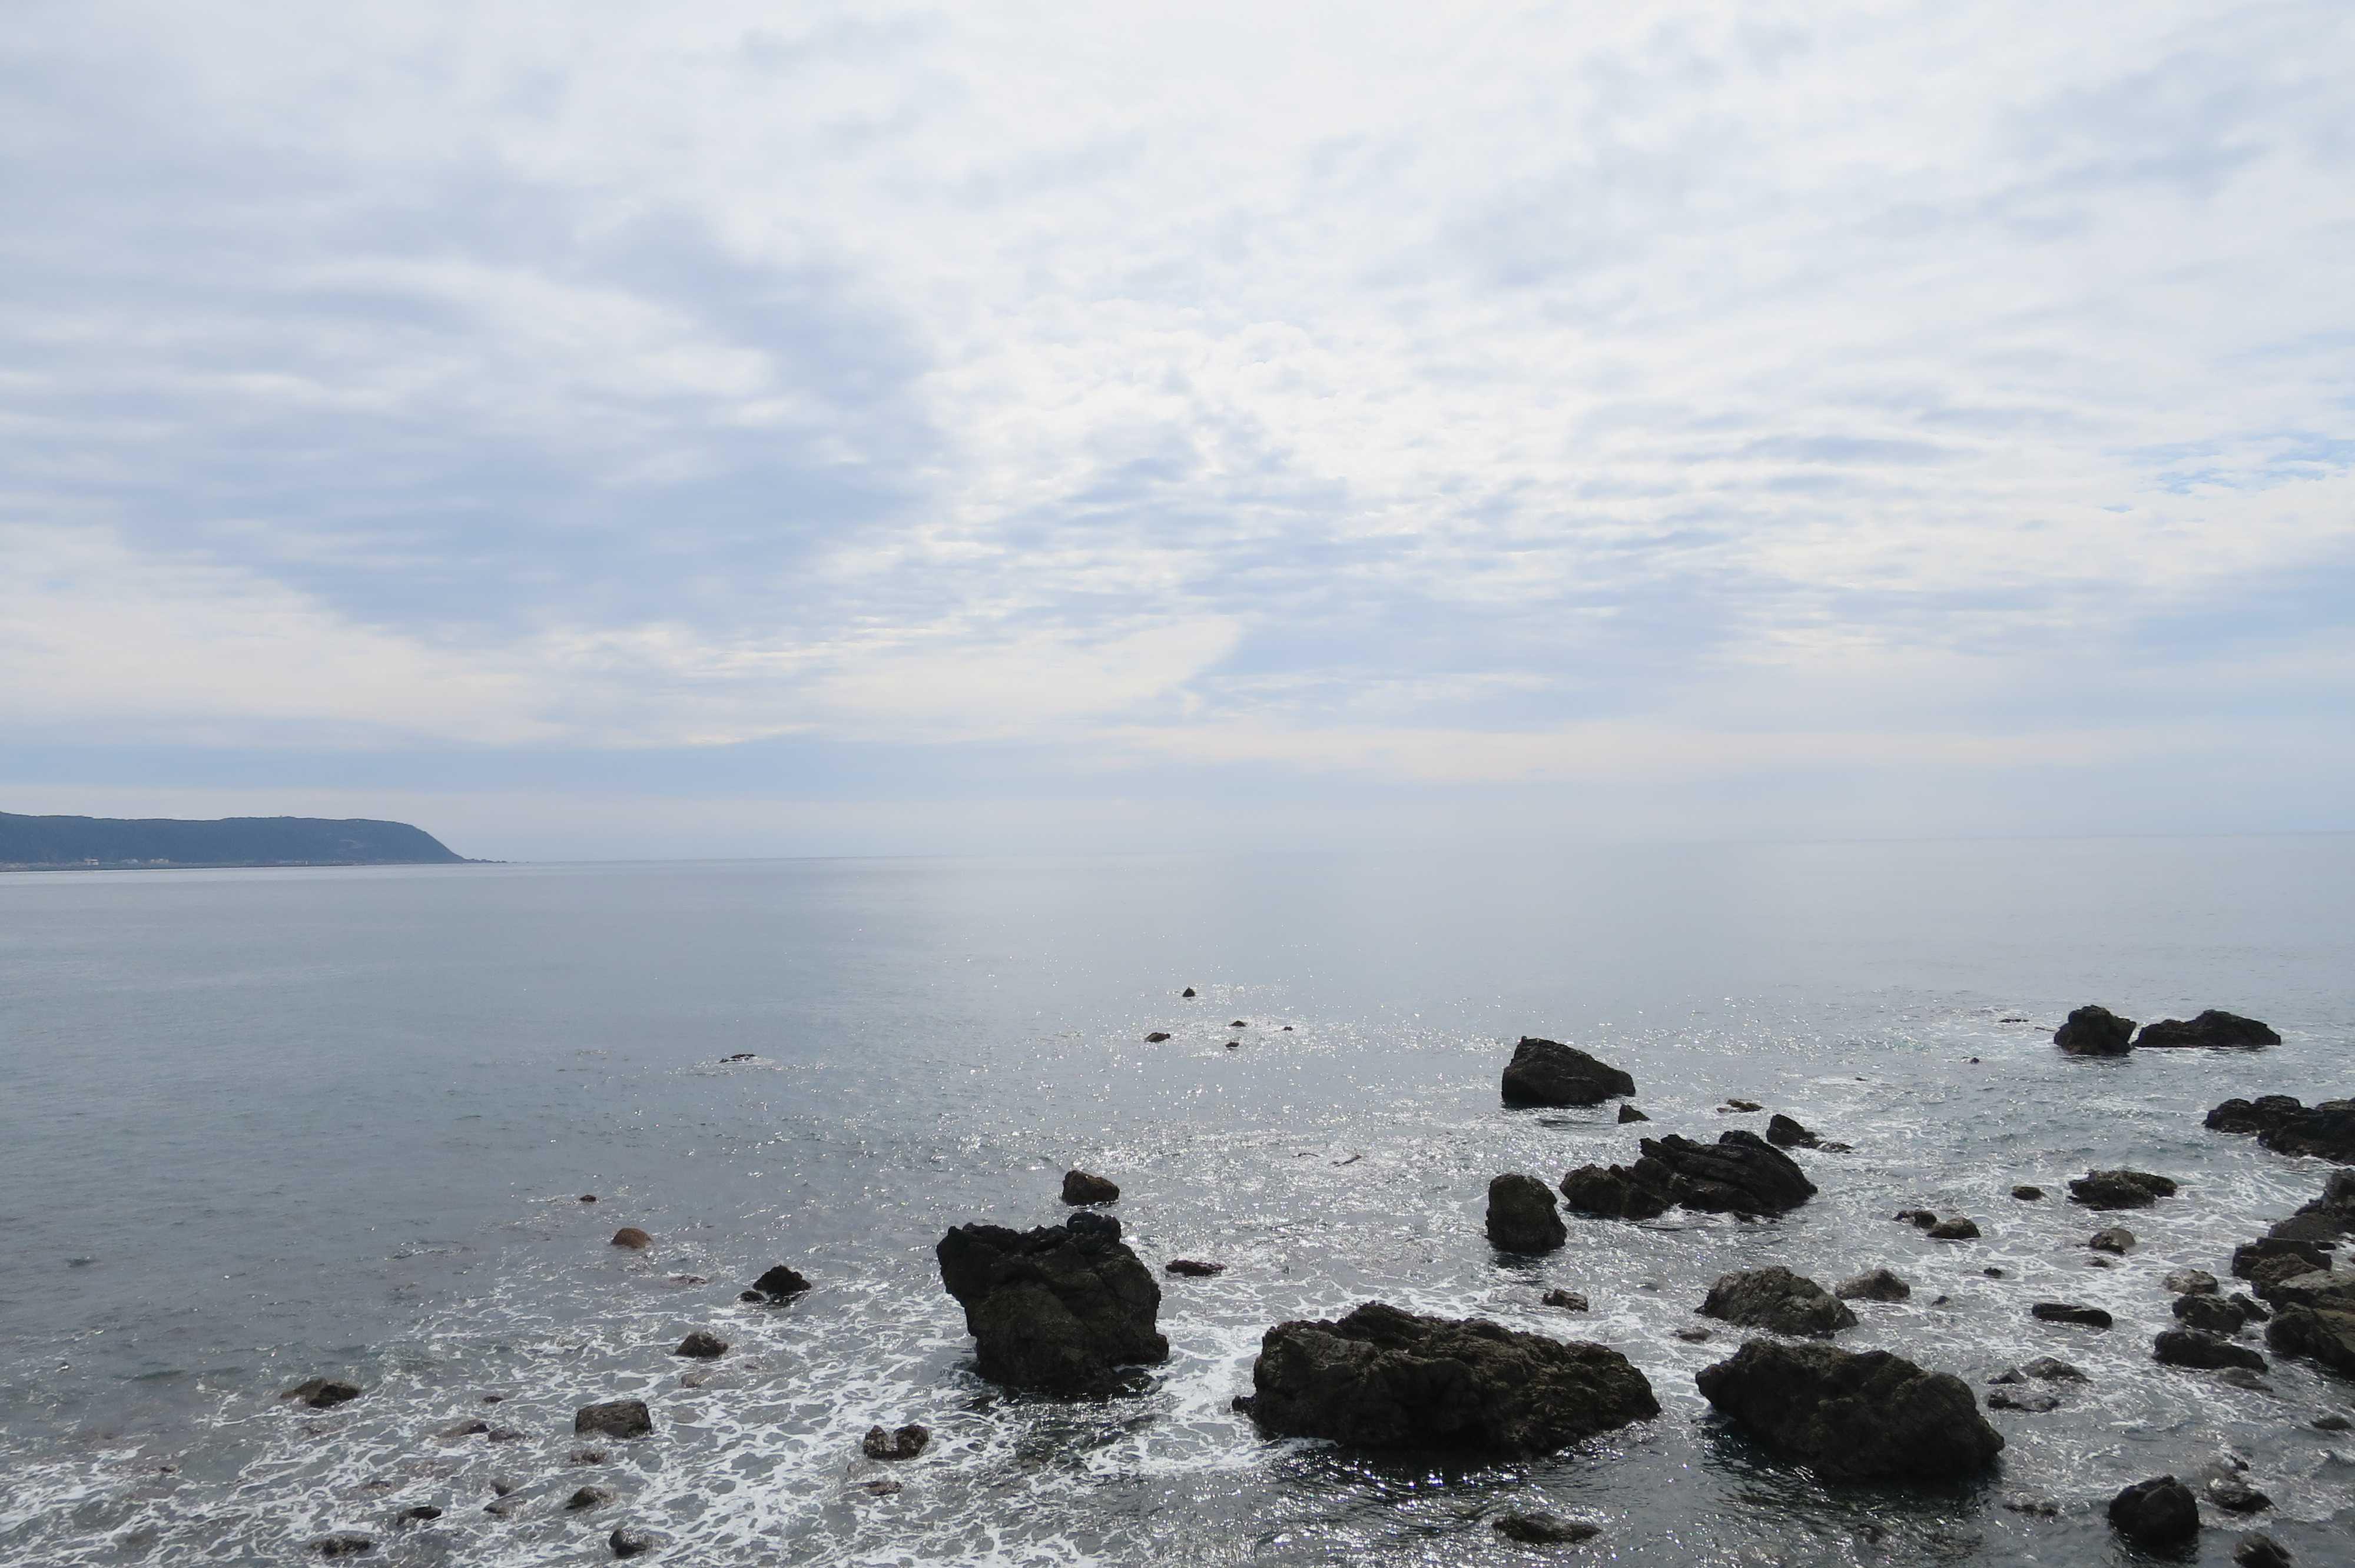 土佐の海 / 高知の海